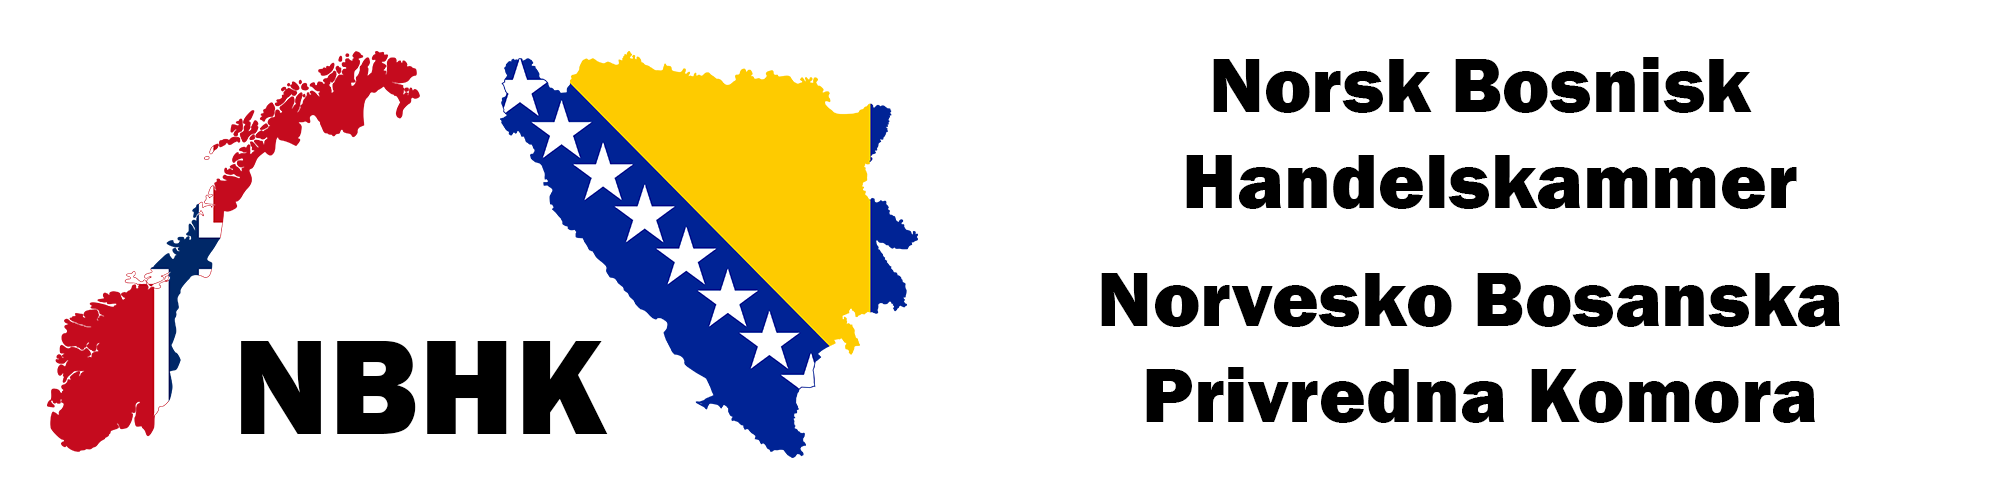 NORSK-BOSNISK HANDELSKAMMER